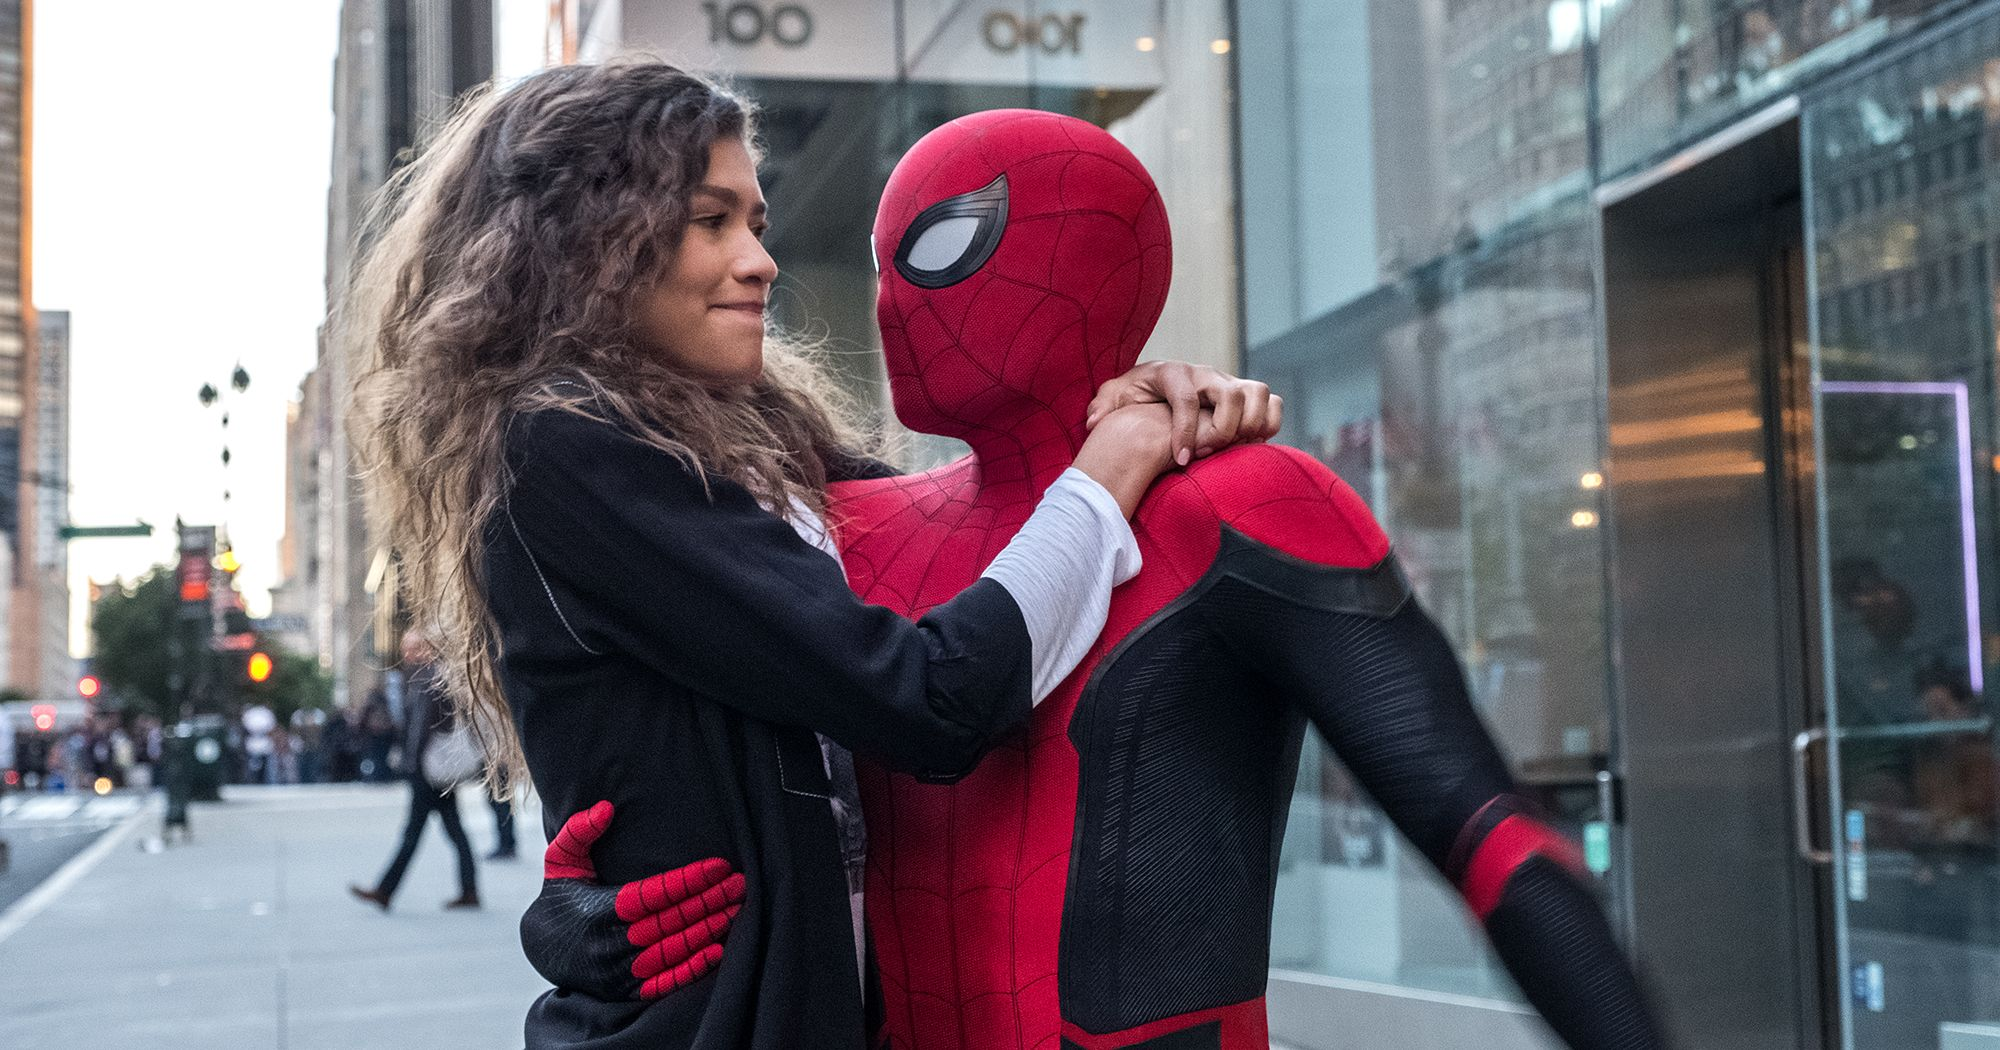 Spider-Man Far From Home, Marvel, Cinematic Universe, Mysterios, Captain Marvel, Skrull, Easter Eggs